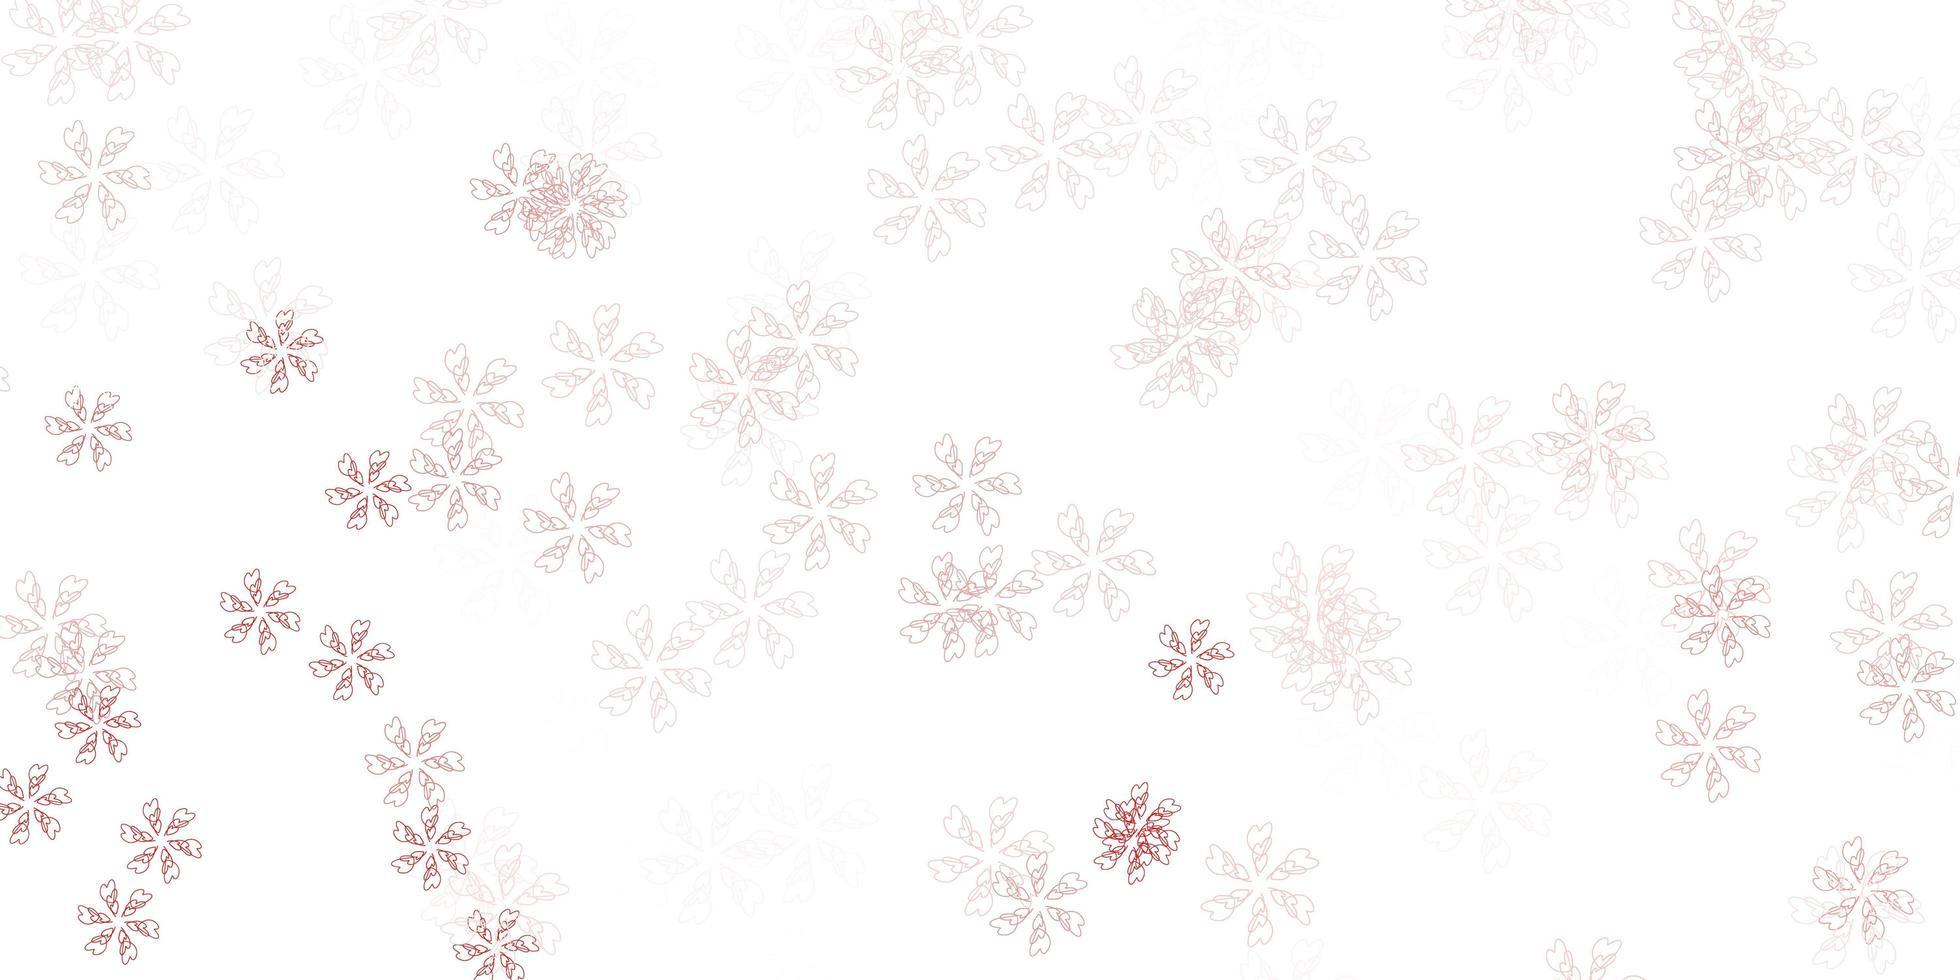 mise en page abstraite rouge clair avec des feuilles. vecteur